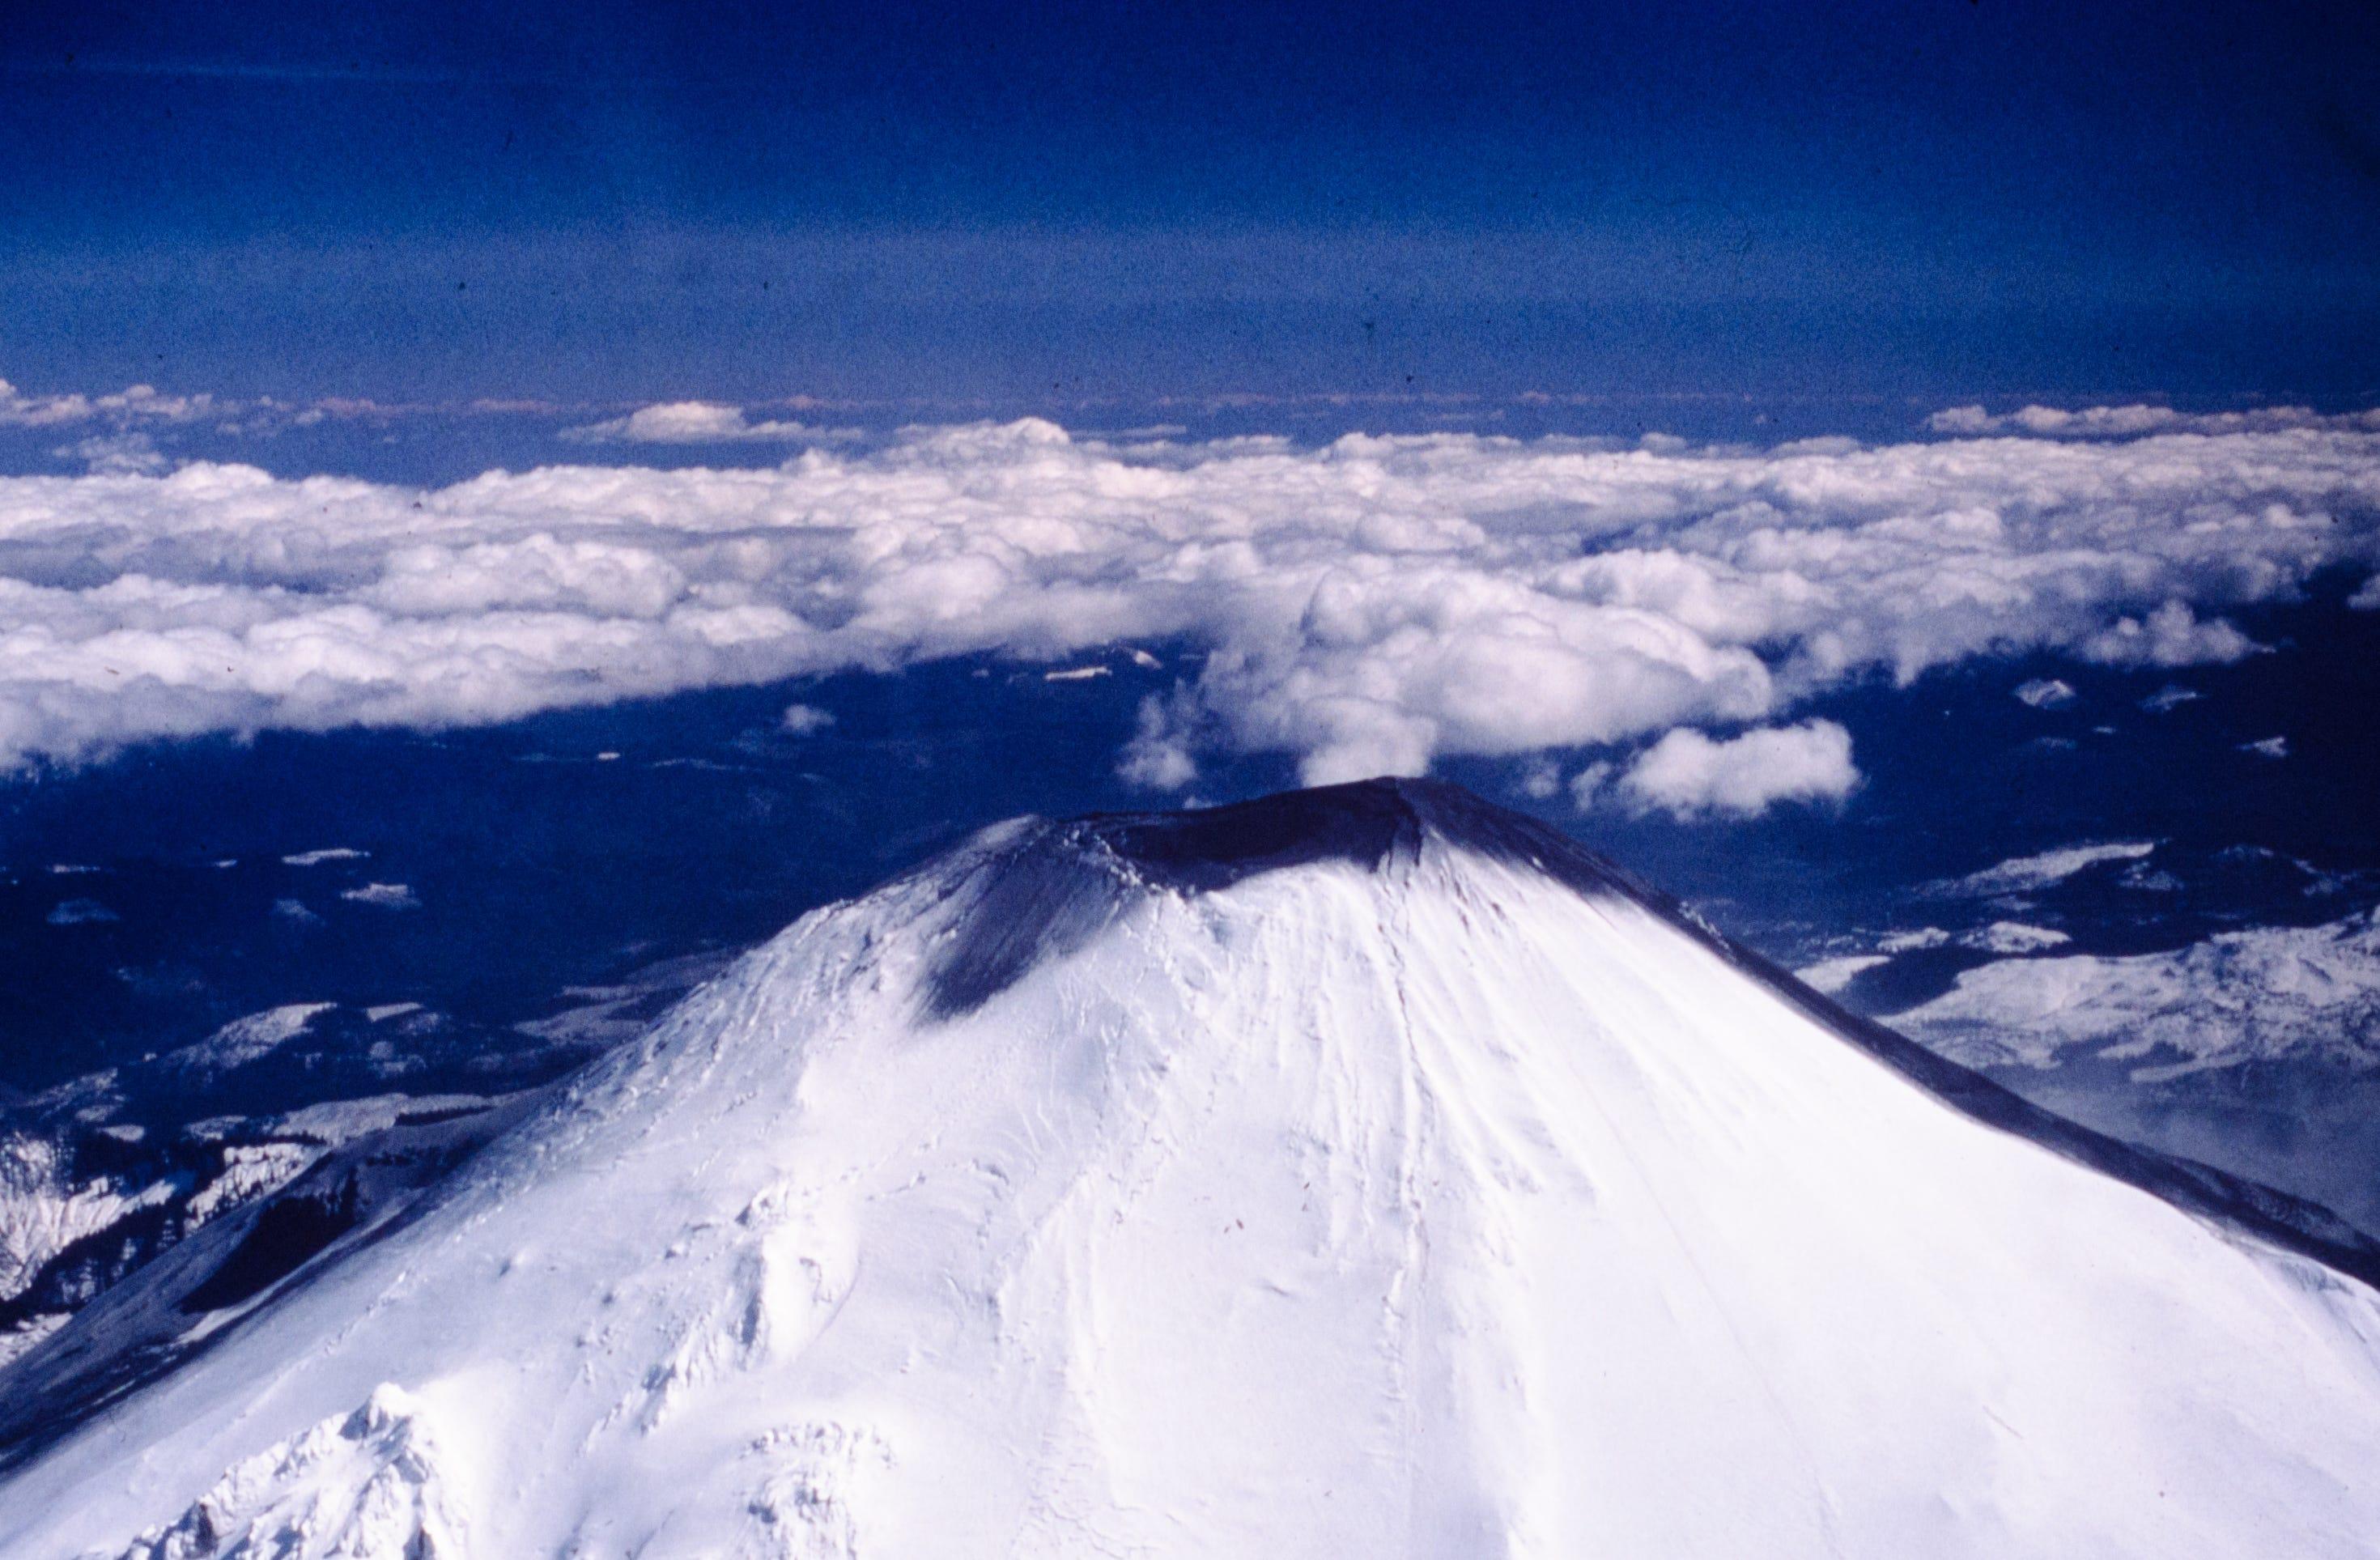 Mt. st. helens eruption carbon dating